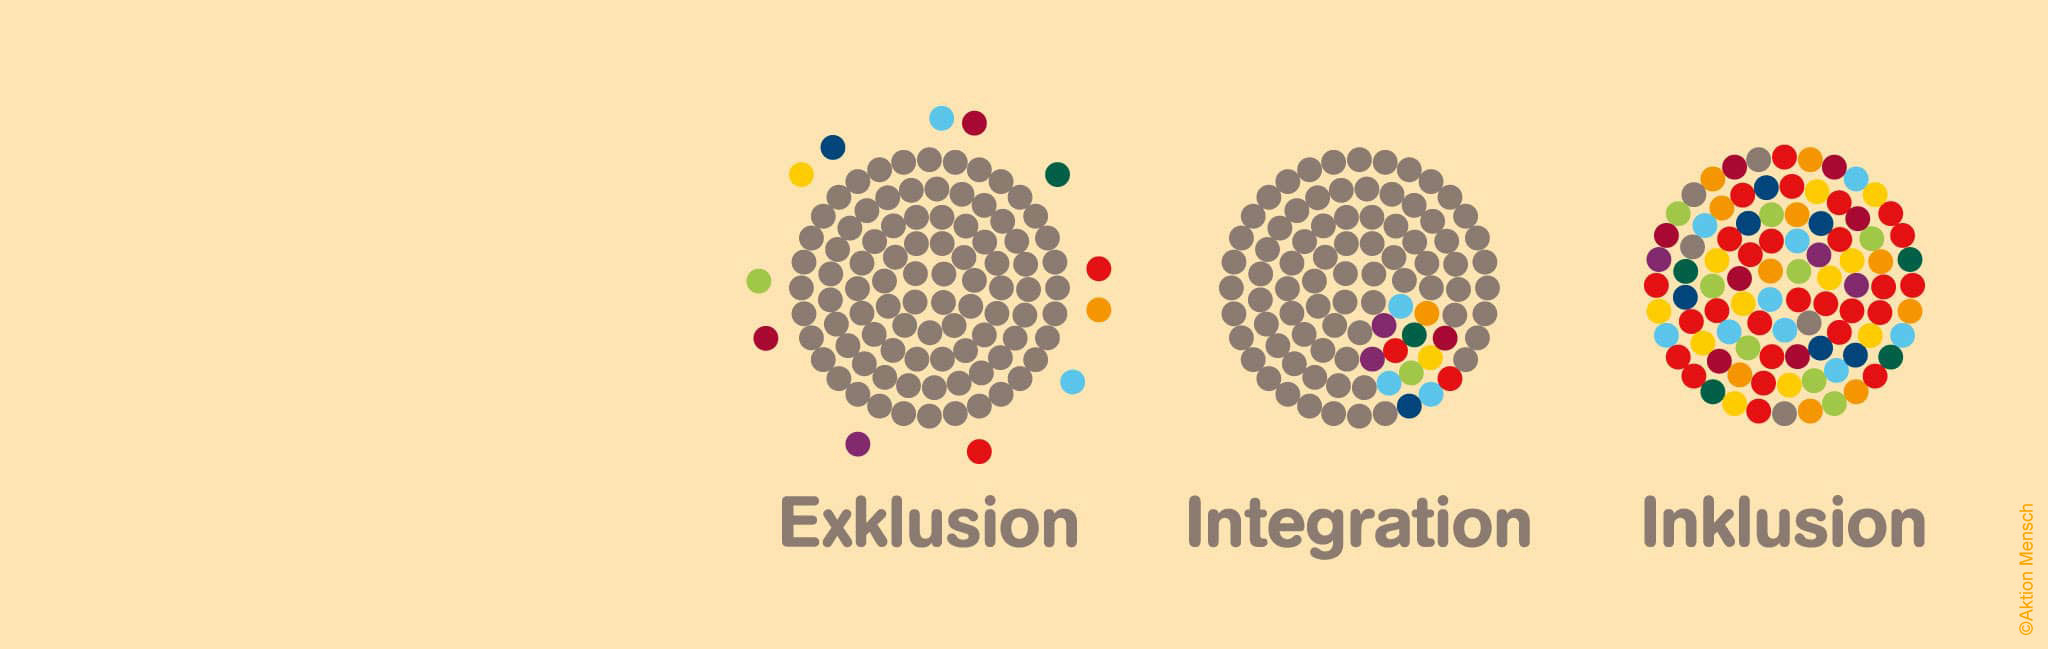 Grafik zu Exklusion, Integration und Inklusion © Aktion Mensch